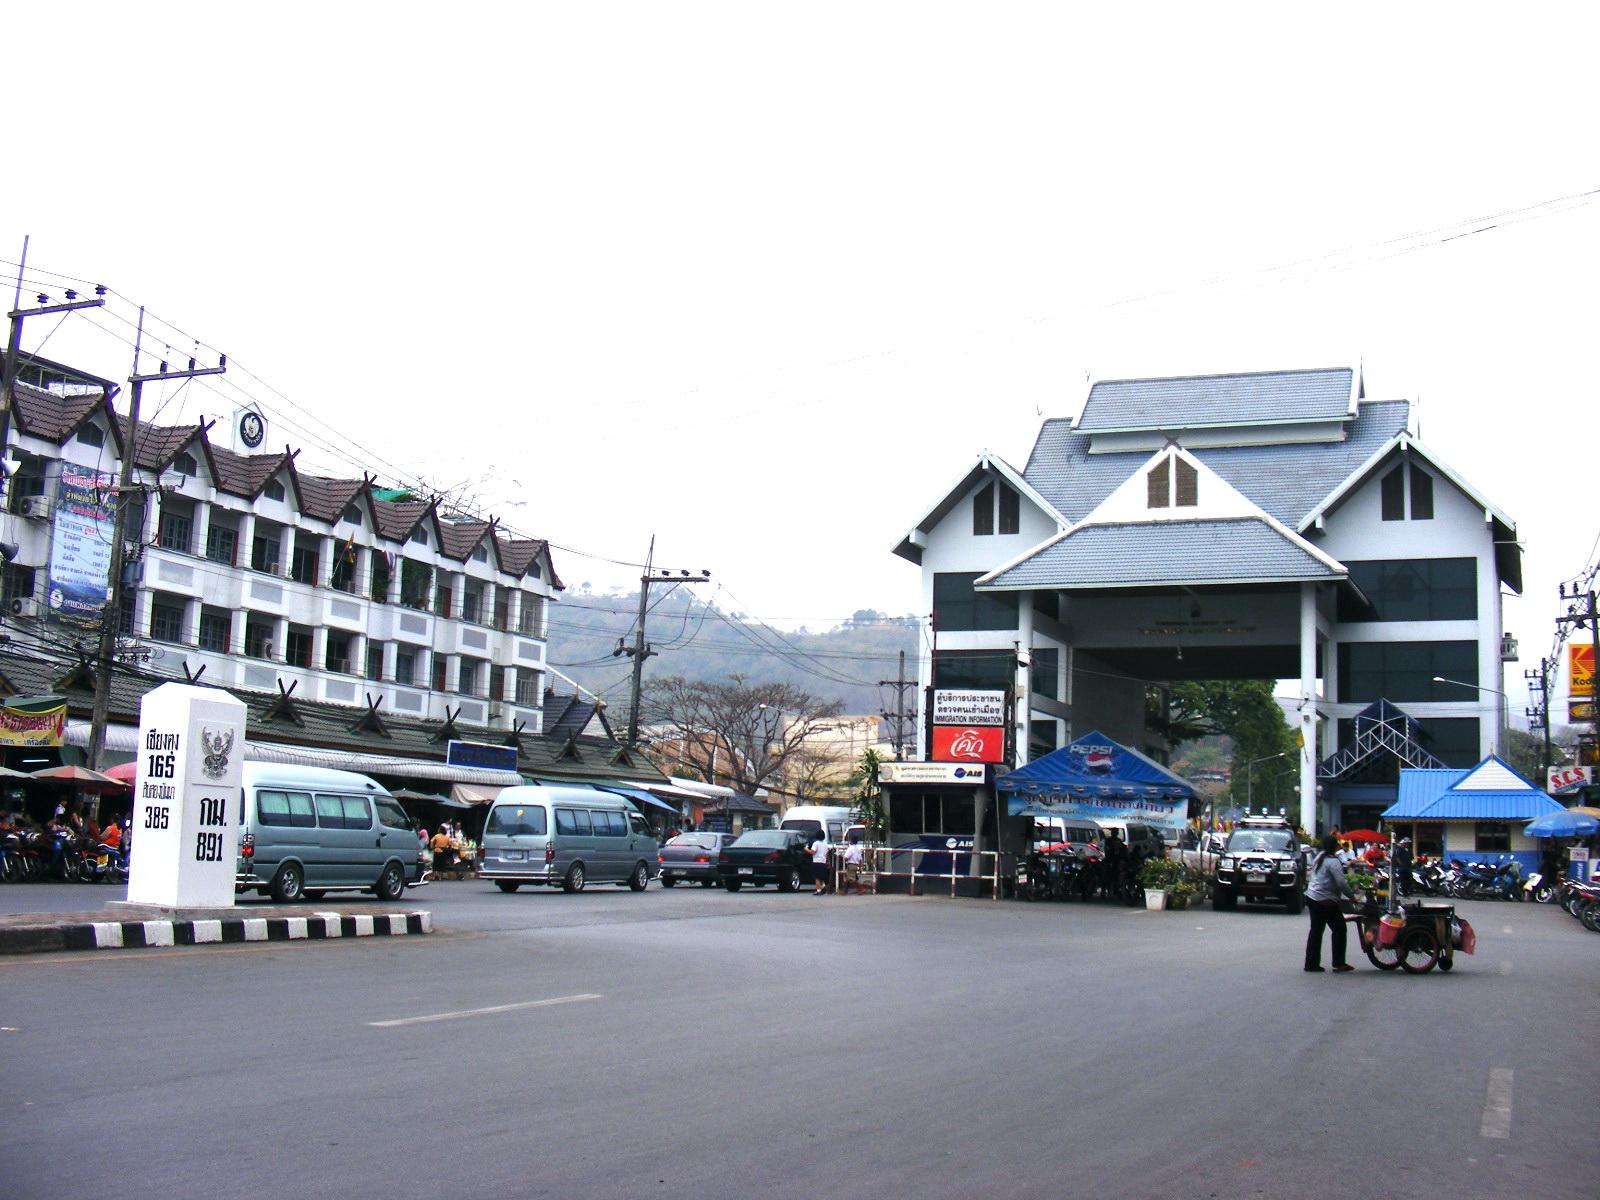 Mae Sai (Chiang Rai) Thailand  city photos gallery : Myanmar Thailand bridge in Mae Amphoe Mae Sai, Thailand